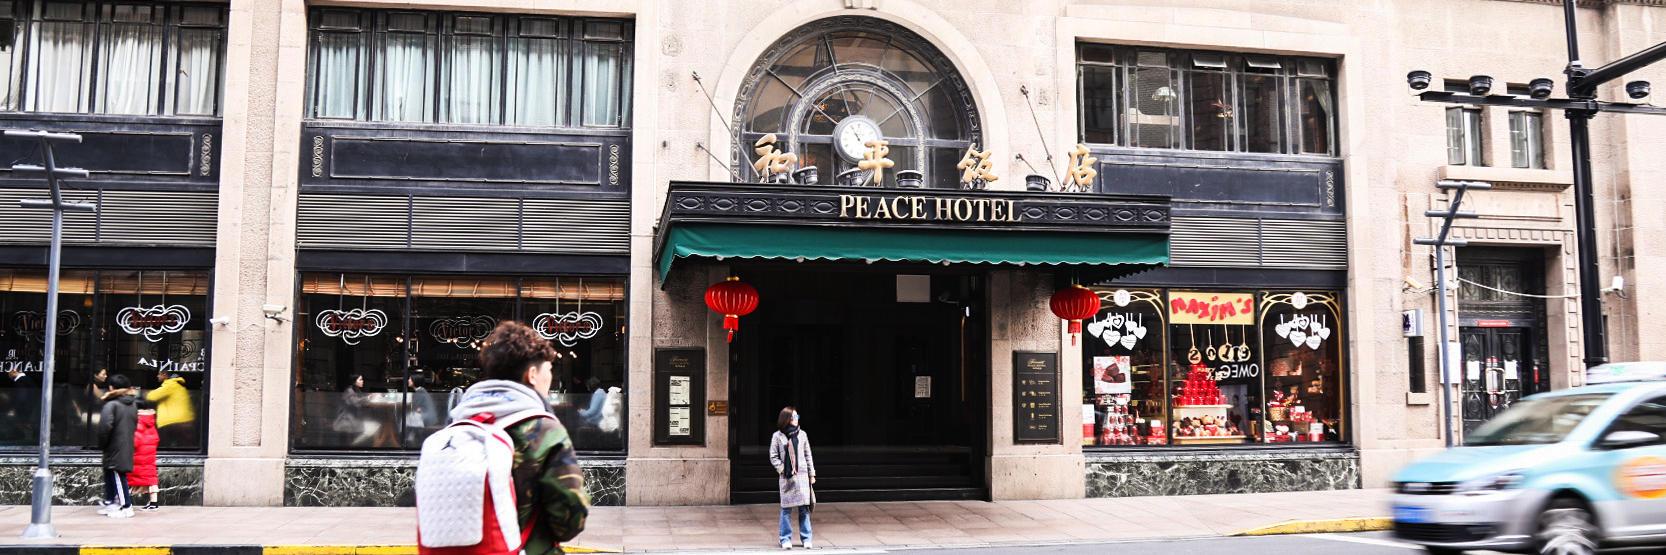 周末,我與和平飯店的24小時